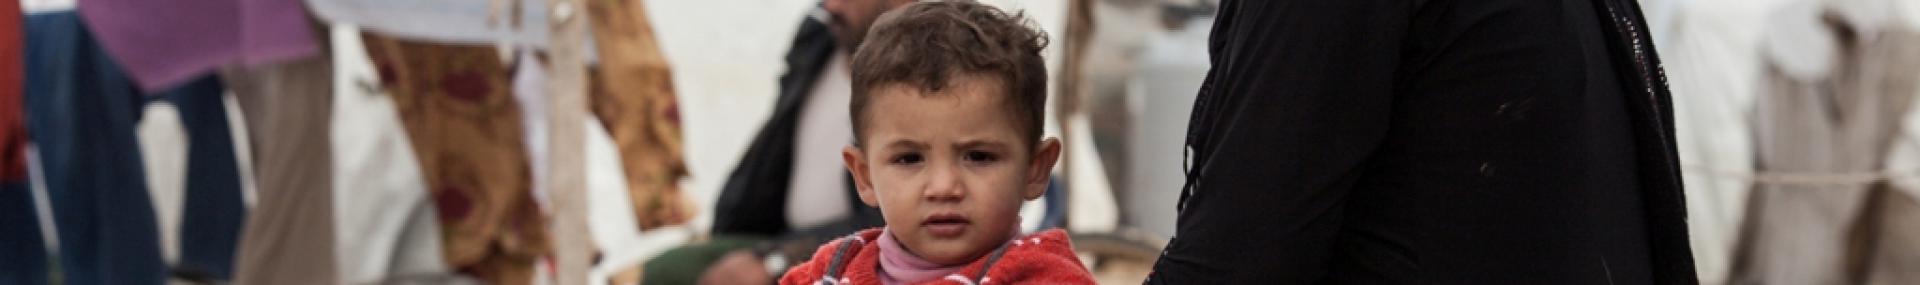 Syrische vluchtelingen © Caritas Zwitserland